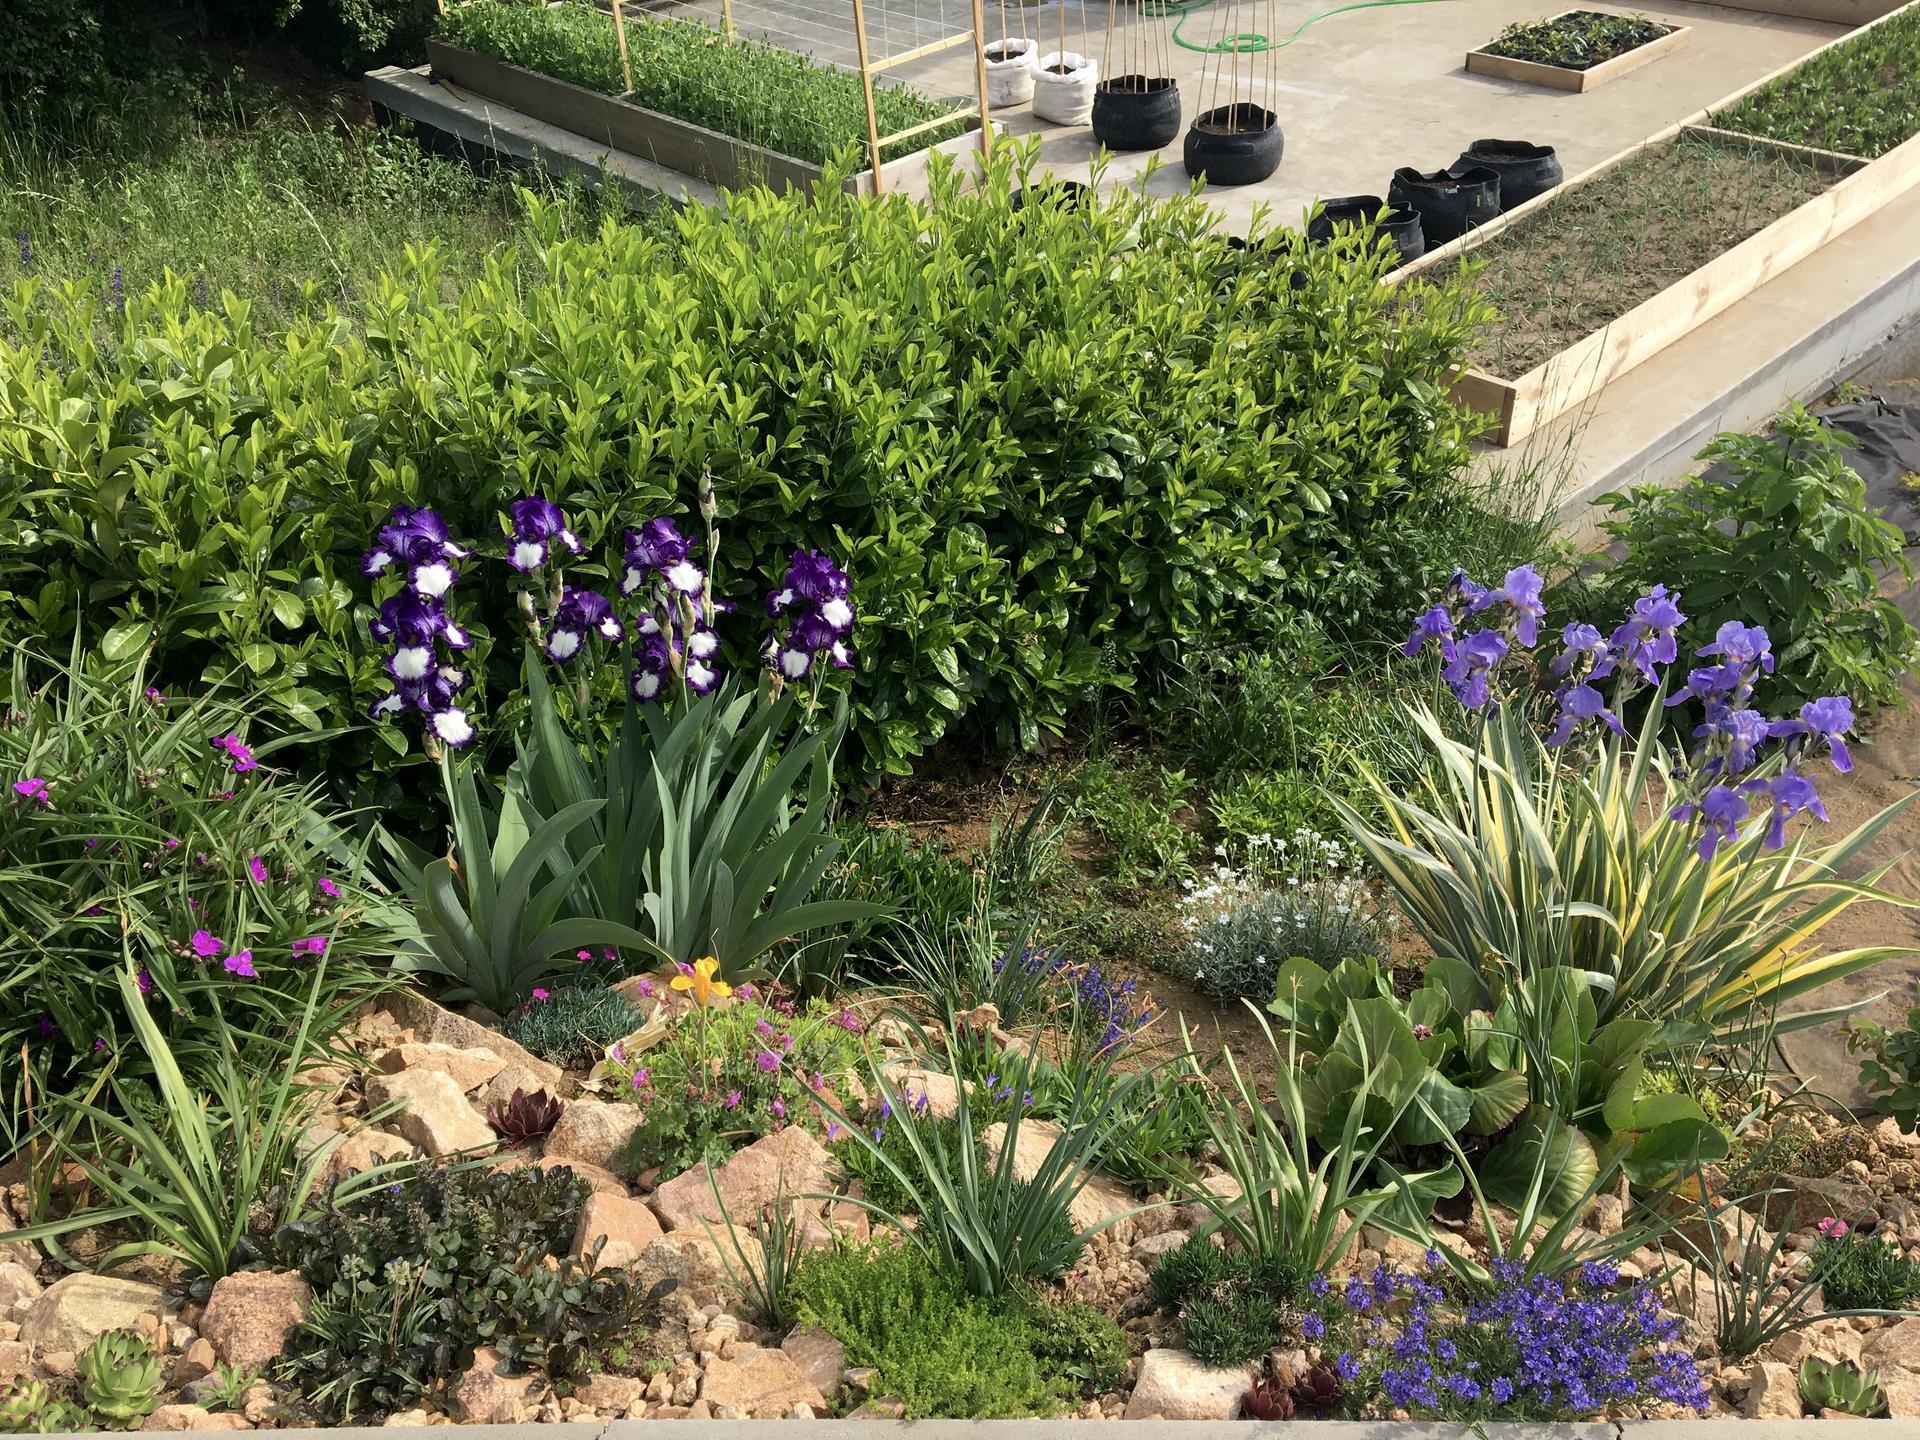 Skřítčí zahrada 2015 - 2020 - Květen 2020 - začínám být fanynkou kosatců, daří se jim tu a srnky květy nežerou